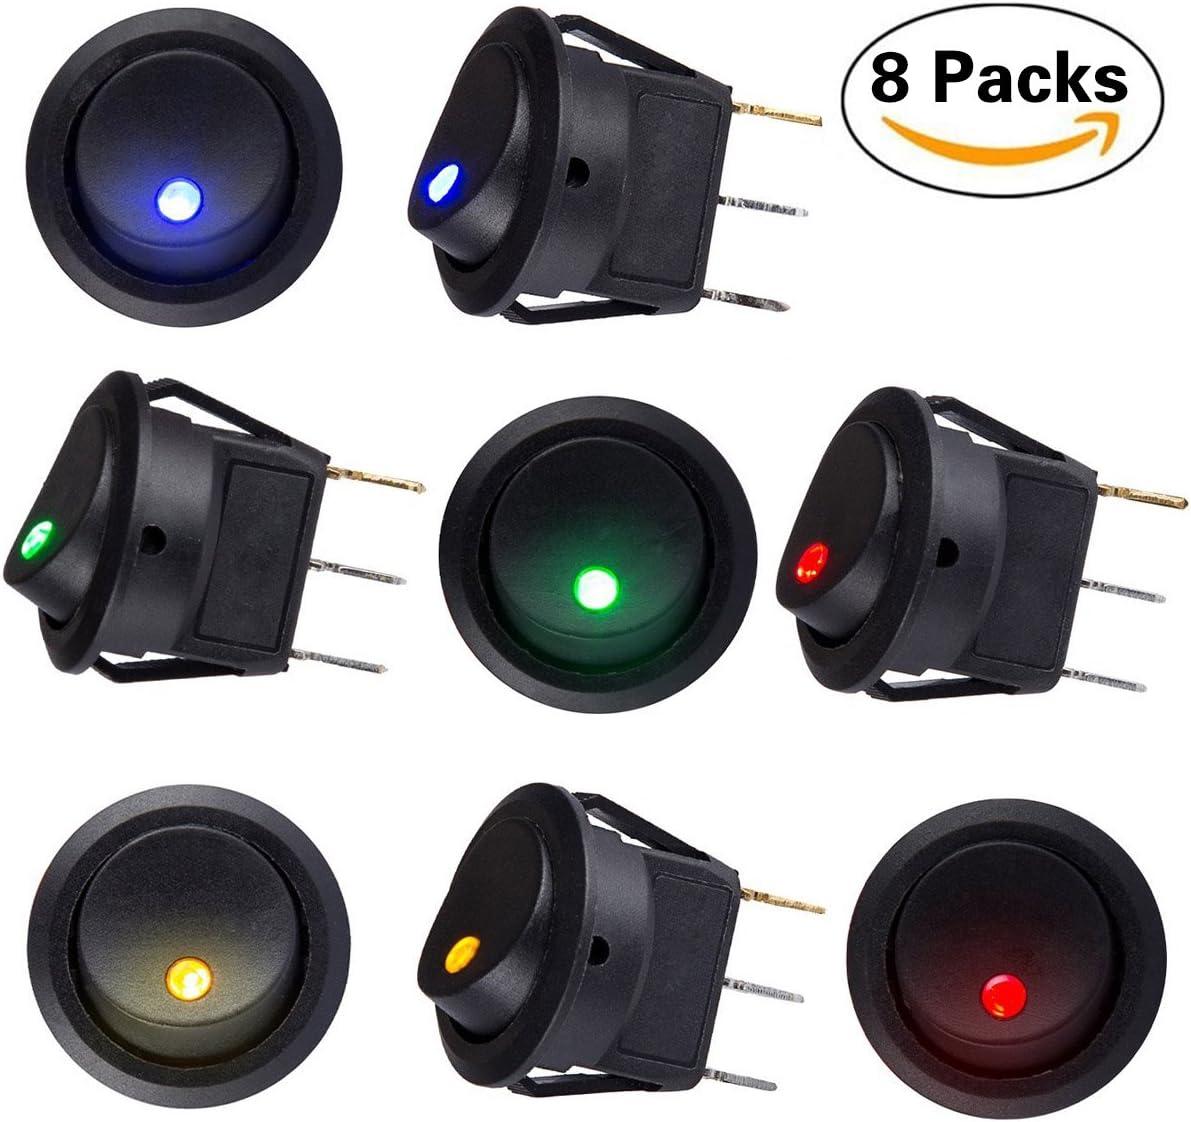 Sunerly - 8 interruptores de encendido/apagado automático con interruptor SPST, con 4 luces LED de 4 colores para coche, barco, camión, remolque. CC de 12 V y 20 A.